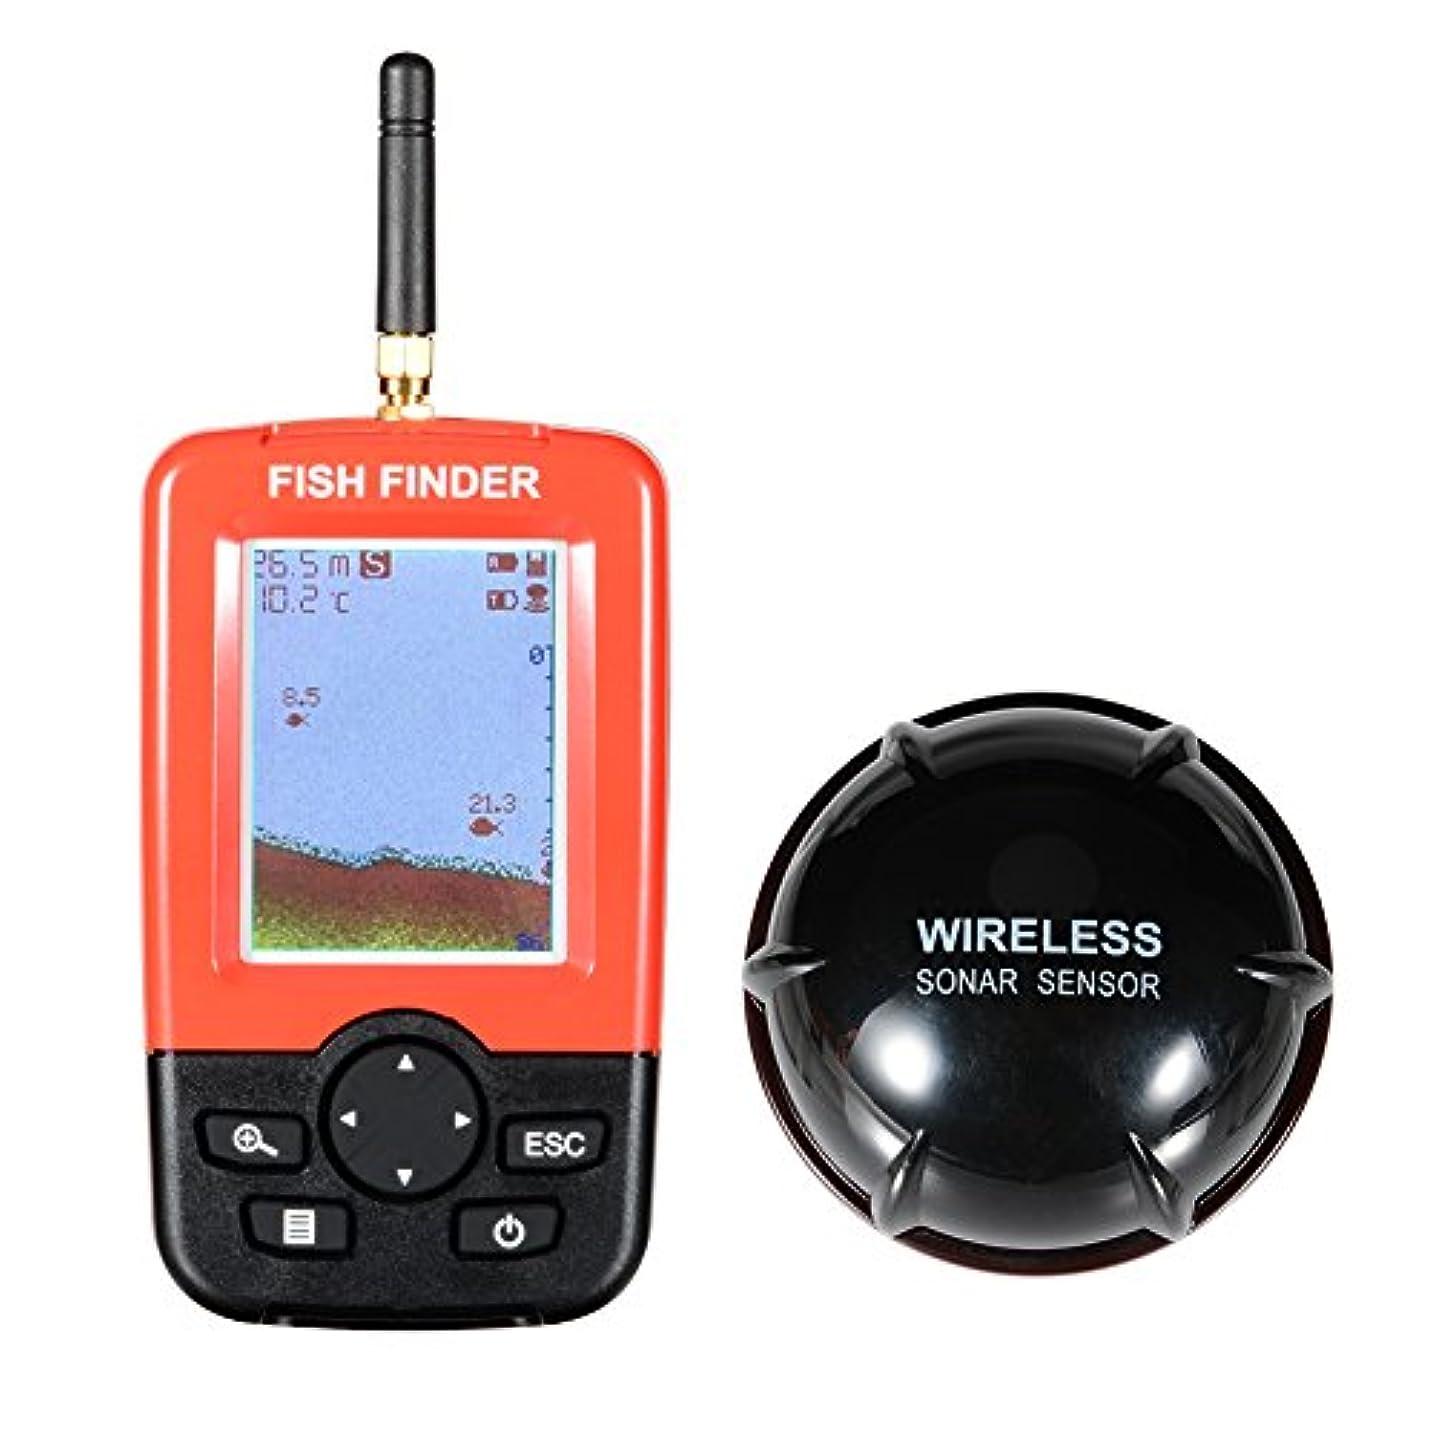 名前でドロップつかの間Raten ワイヤレスカラースクリーン充電ドットアレイ魚群探知機 作り付けの水温センサー、XF-03チューナー魚探知器125KHzのソナーセンサー0.6-36mの深さのロケータ魚群探知機2.4インチの液晶画面とアンテナ 海川河氷上釣り バス釣り わかさぎ釣り 魚群探知機 ワイヤレス 投げ式 魚探 集魚灯機能付きソーナー 釣り道具 陸釣り 船釣り 磯釣り 深場釣り 夜釣り